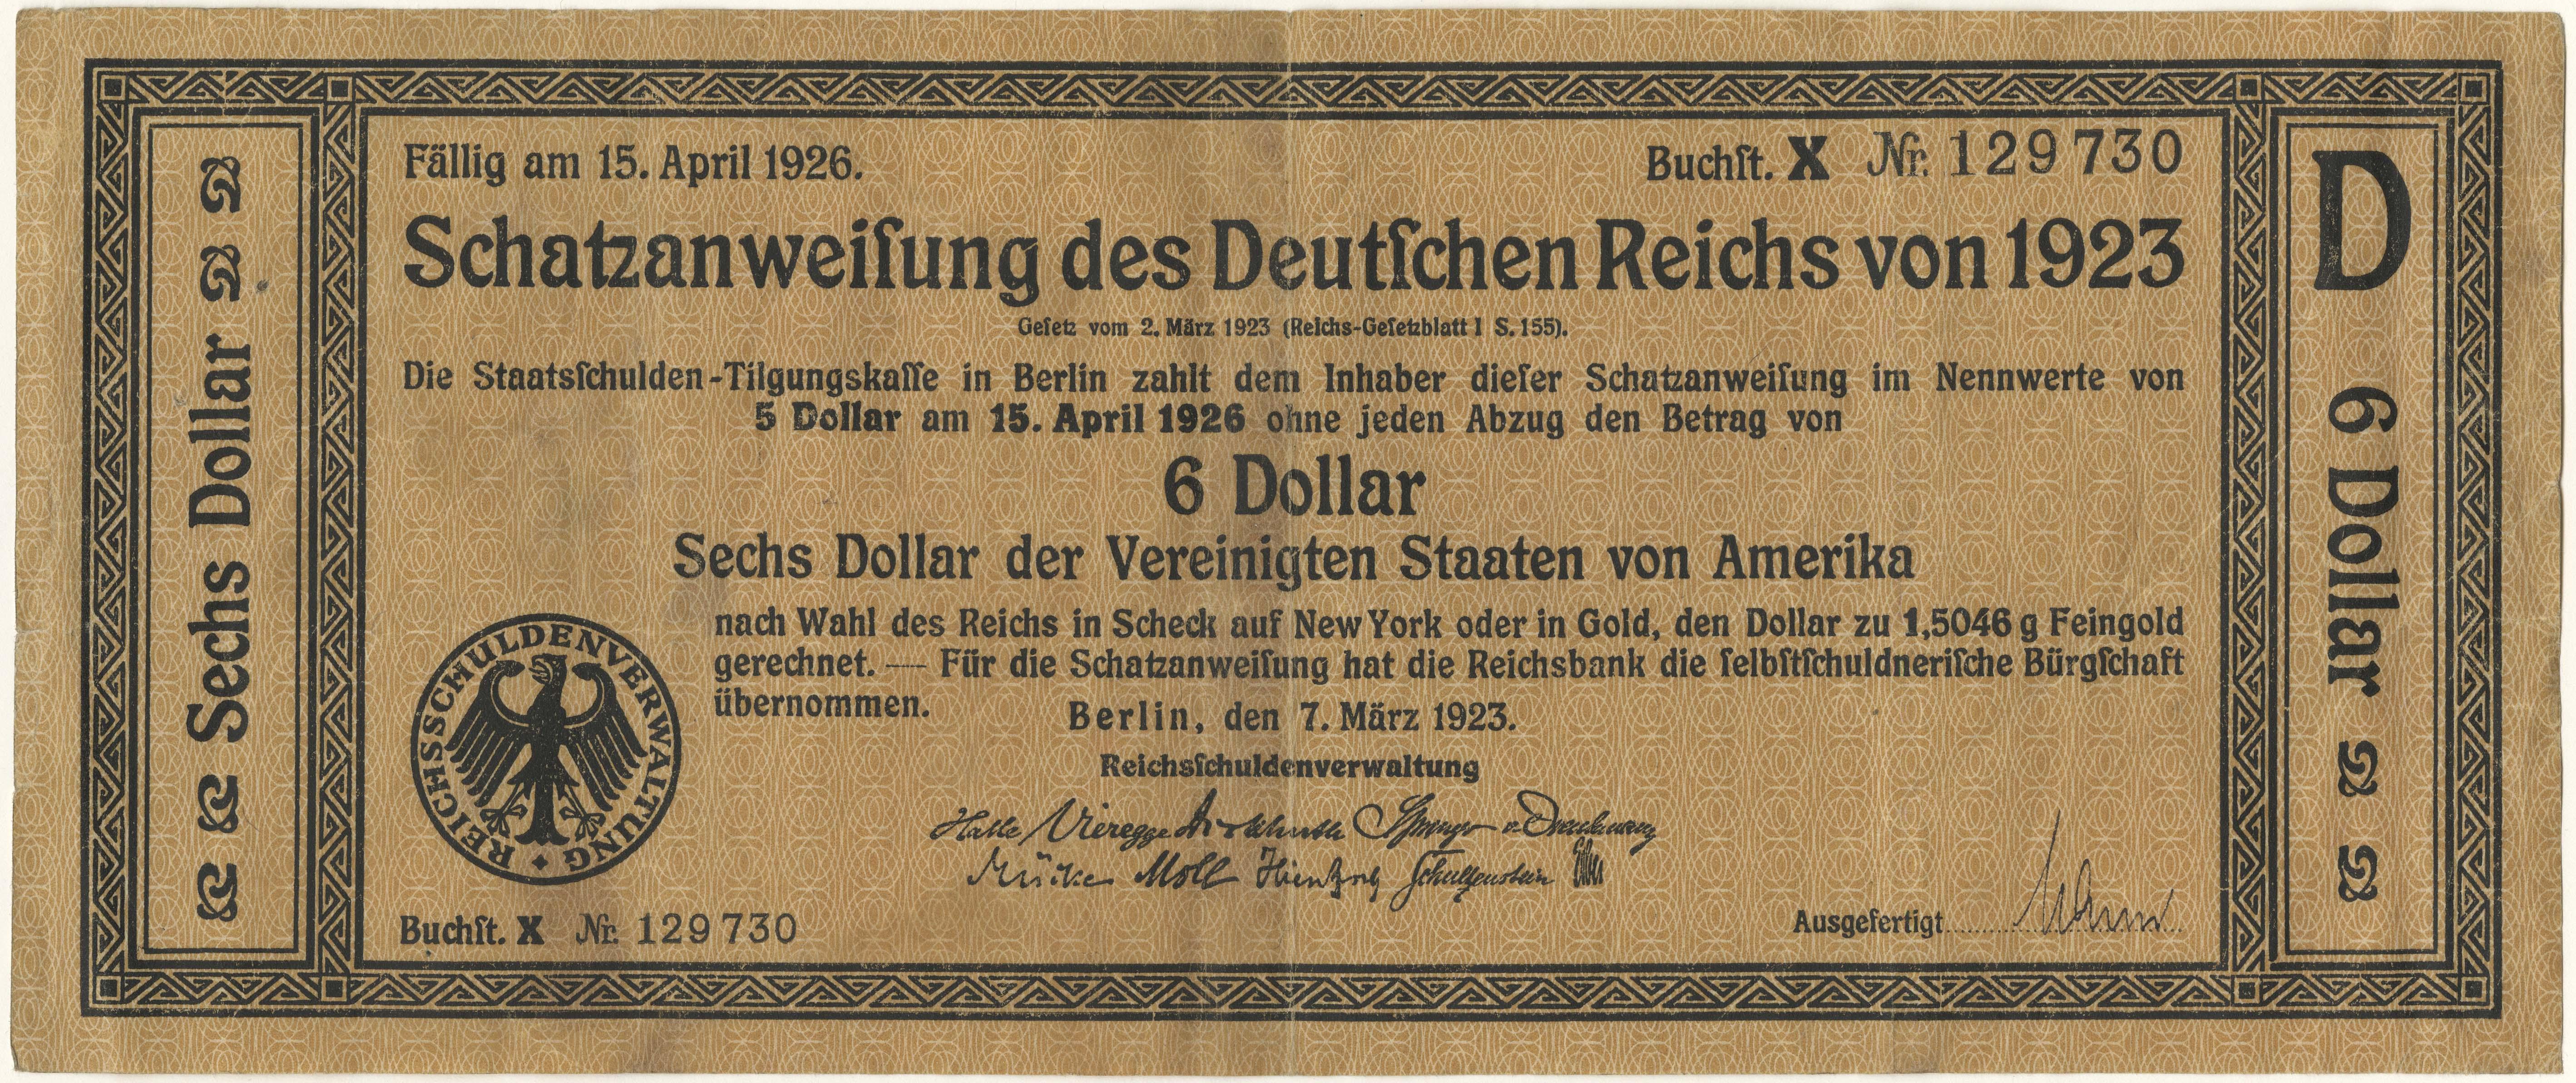 Lot 2139 - Geldscheine Deutschland - Deutsches Reich -  Auktionshaus Ulrich Felzmann GmbH & Co. KG Auction 161 from March 6-10, 2018